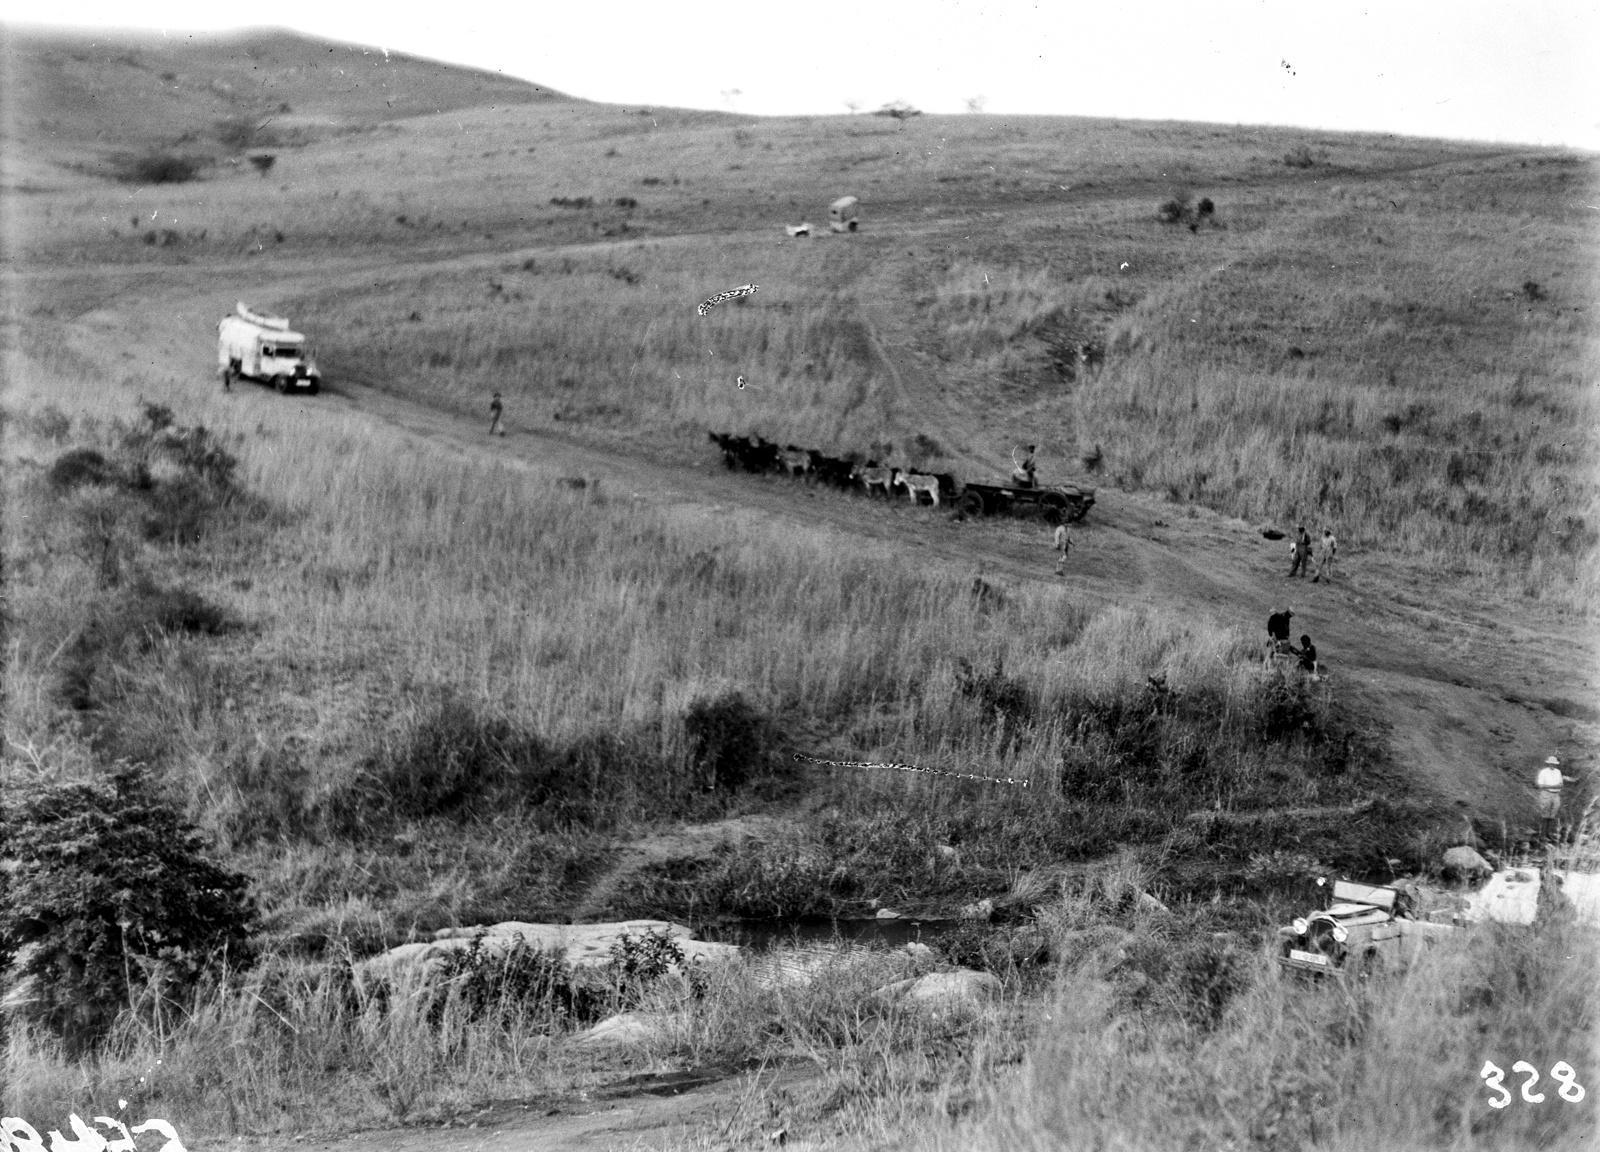 Южно-Африканский Союз. Квазулу-Наталь. Участники экспедиции едут по сельской местности